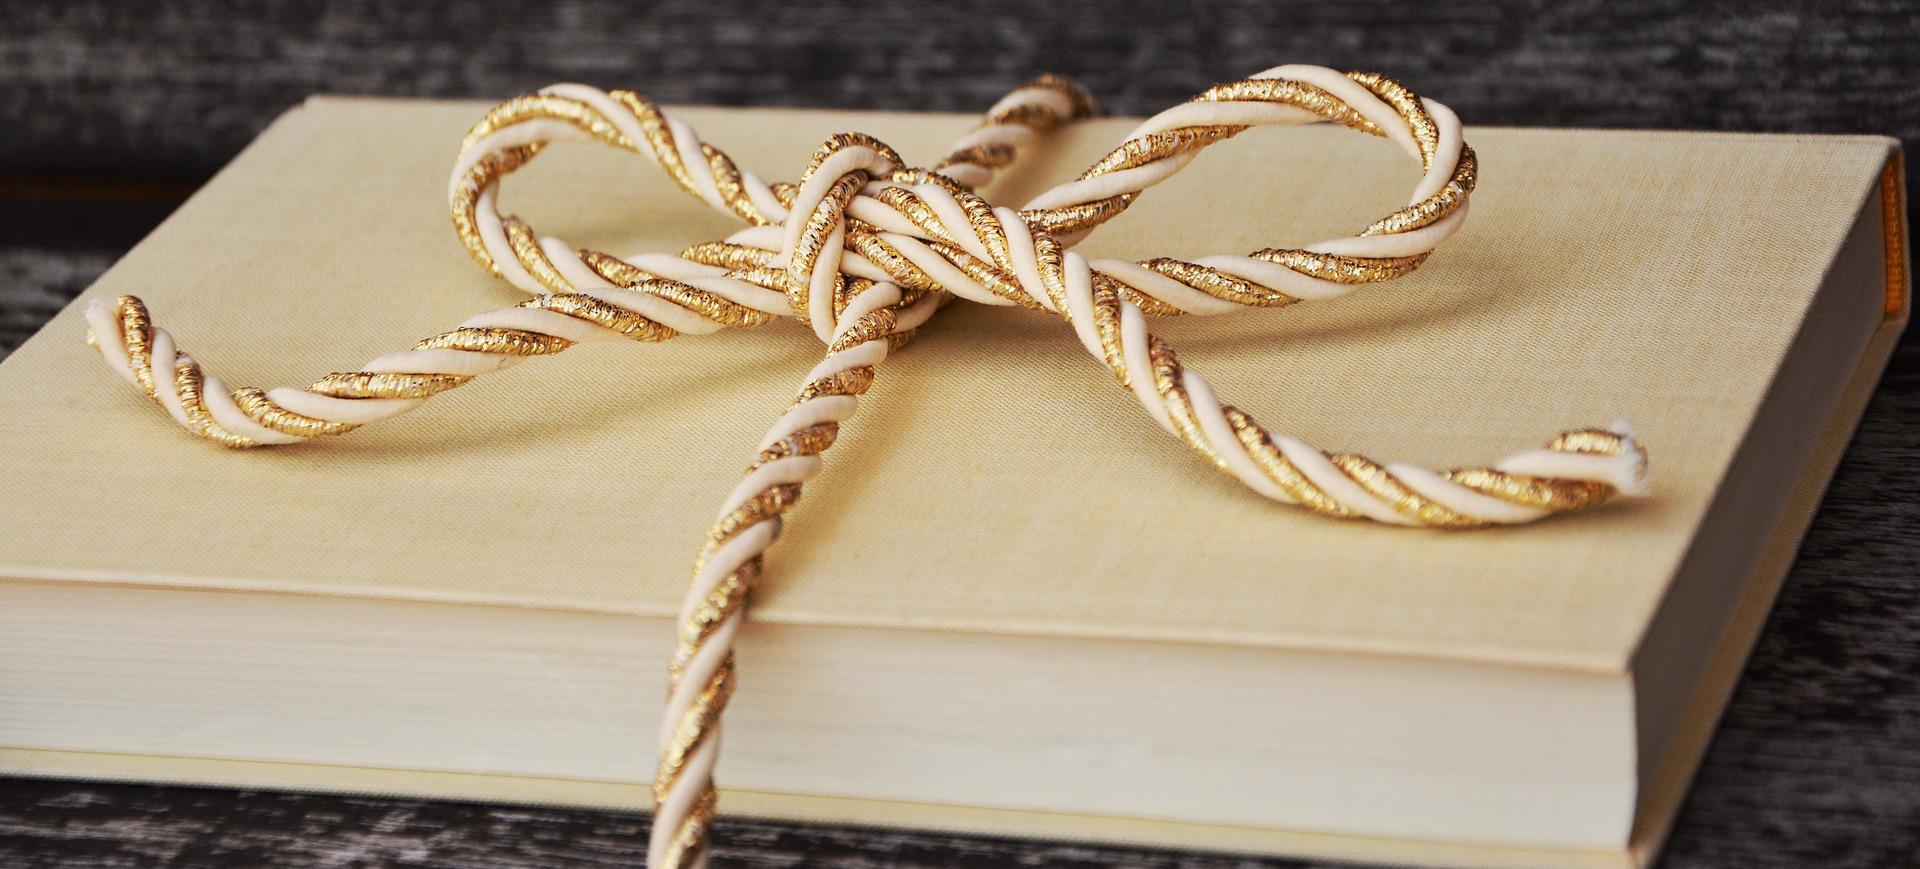 Blížence - čtenáře potěšíte dobrou knihou.